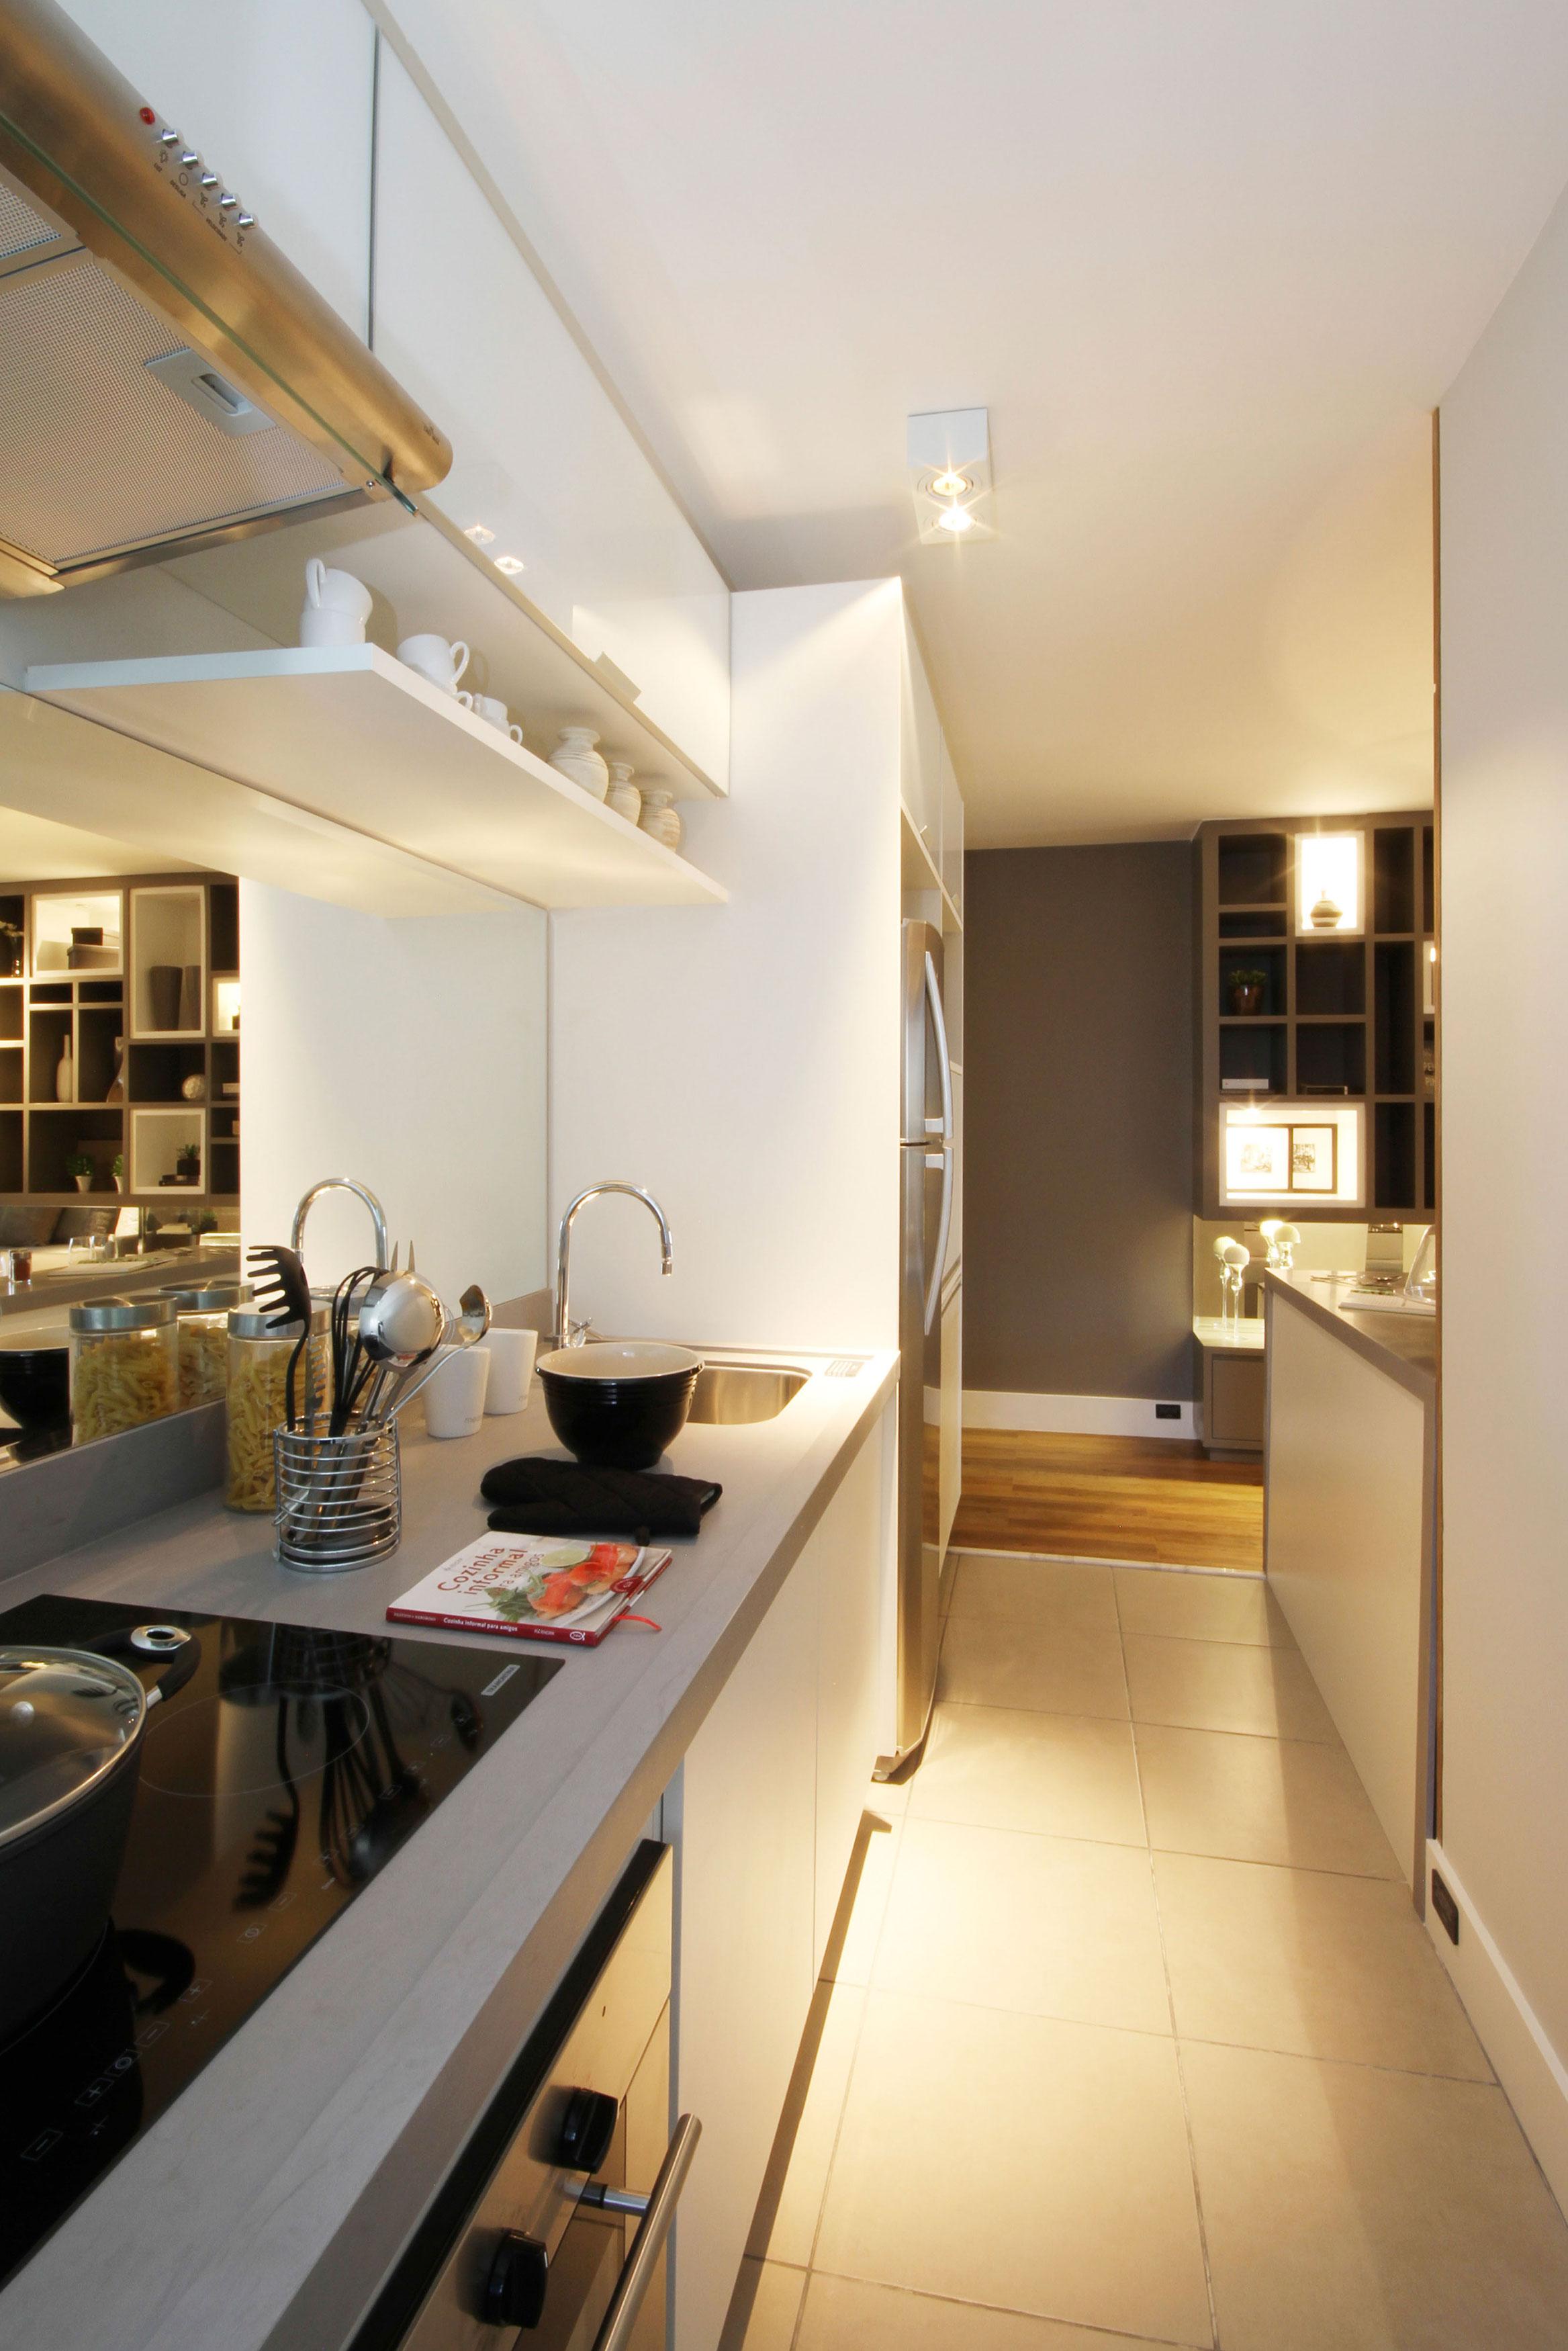 76,43m² - Cozinha